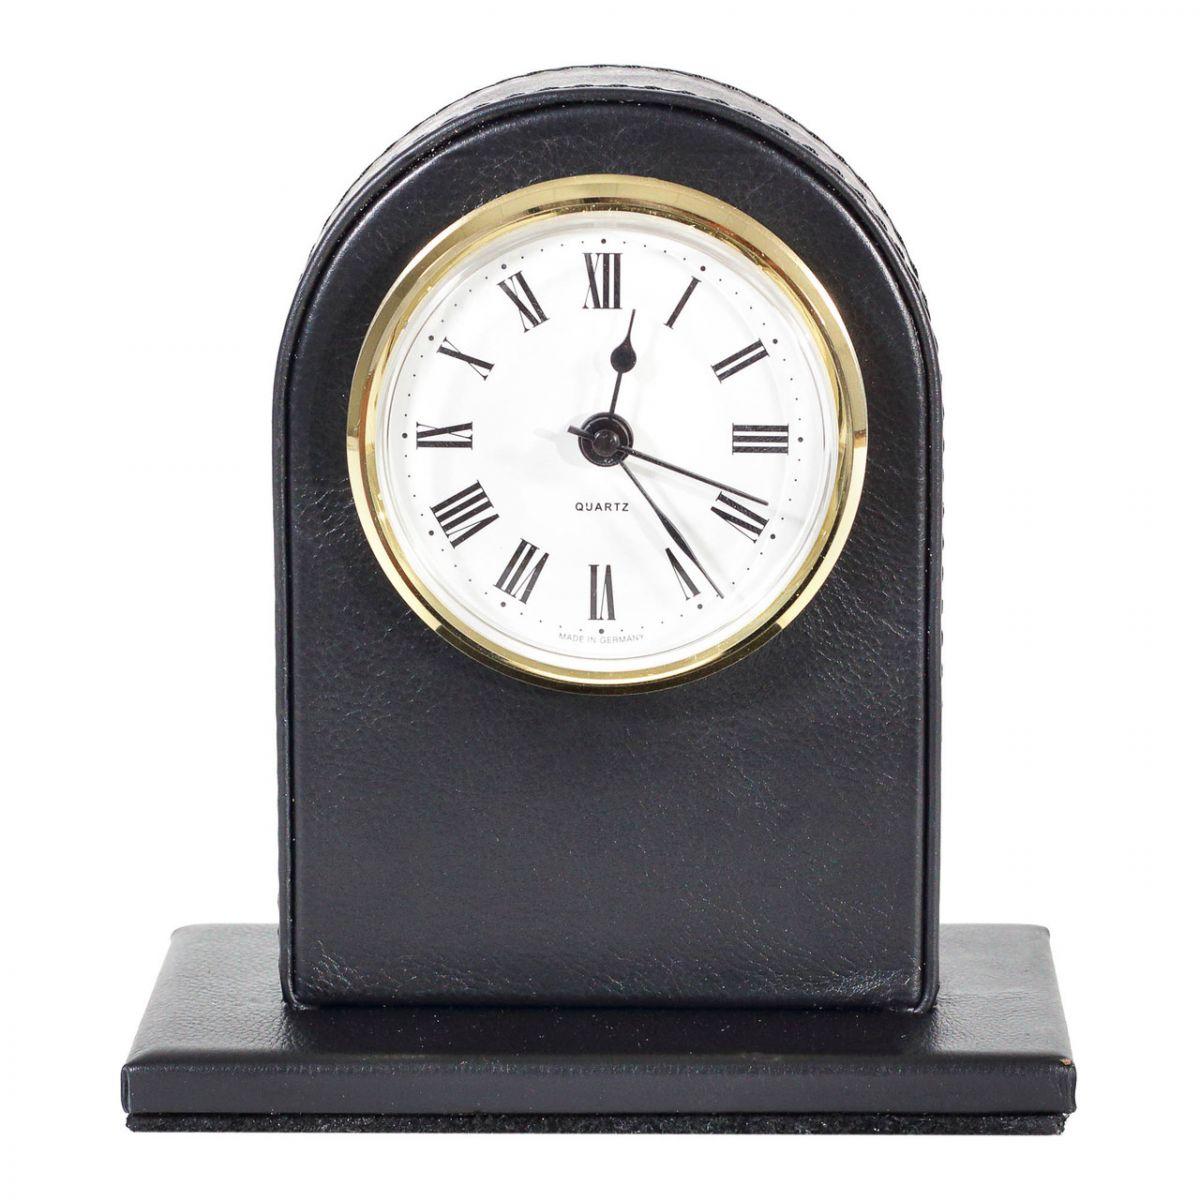 Часы настольные | Под заказ | Арт. 108-07-01